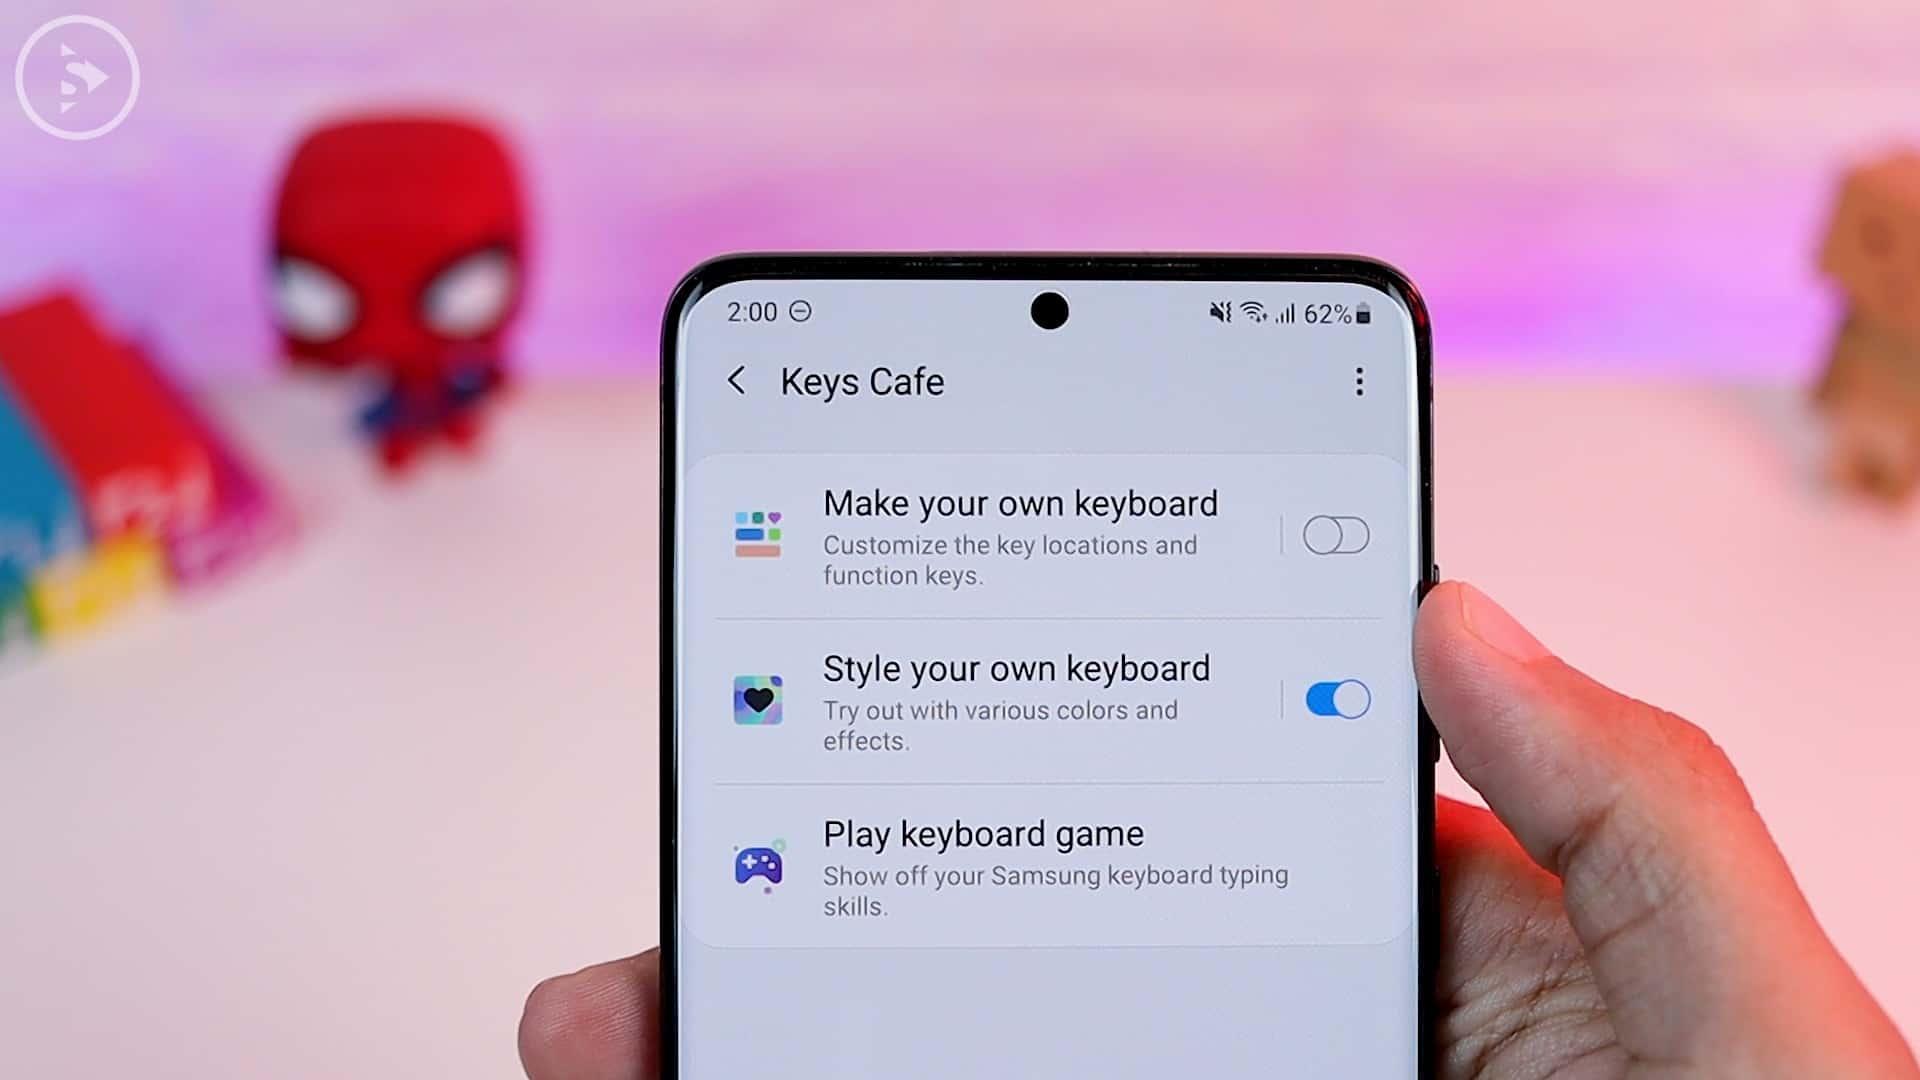 Tips Aplikasi Keys Cafe Terbaru Good Lock - Make your own keyboard